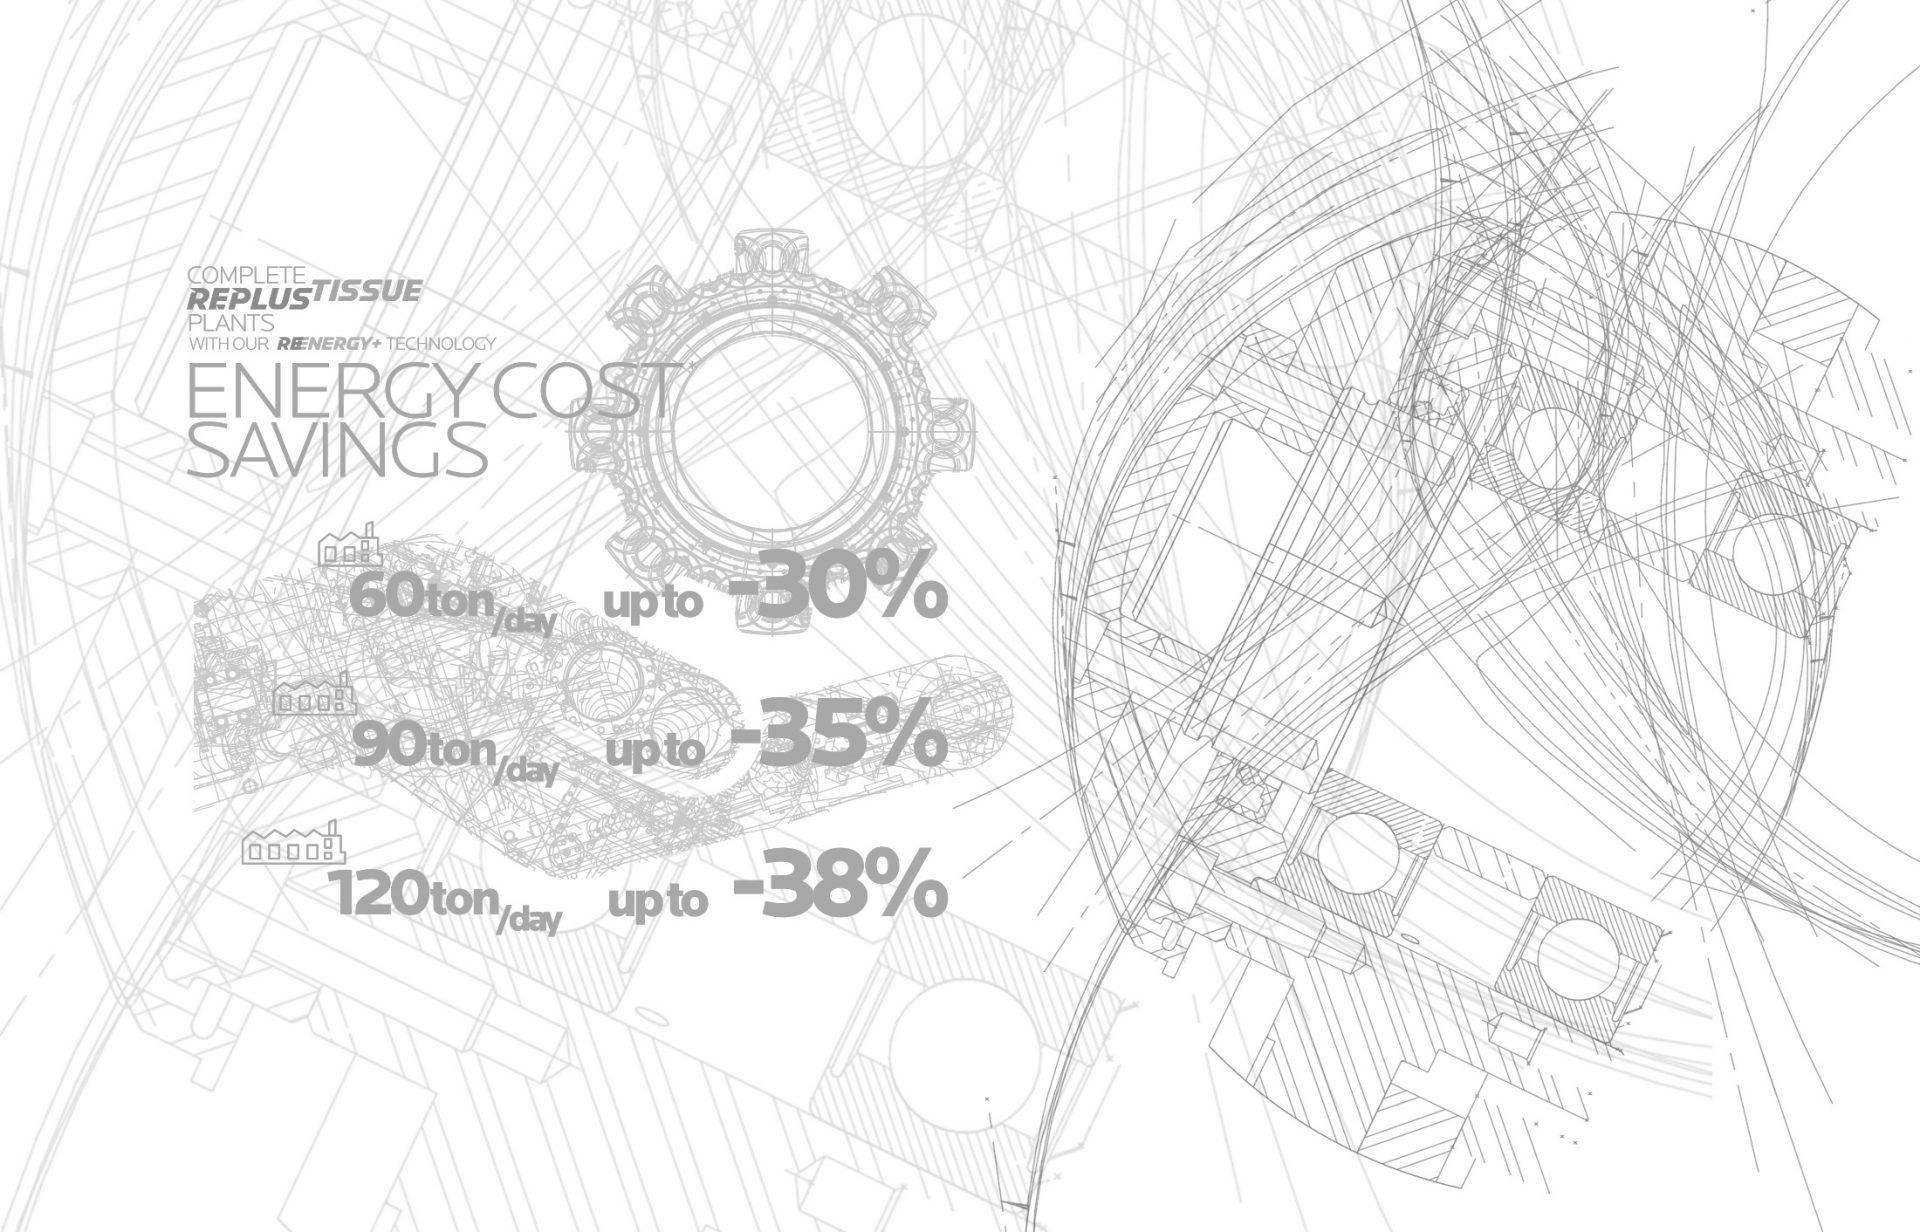 | Impianti di cogenerazione integrati Reenergy+ |